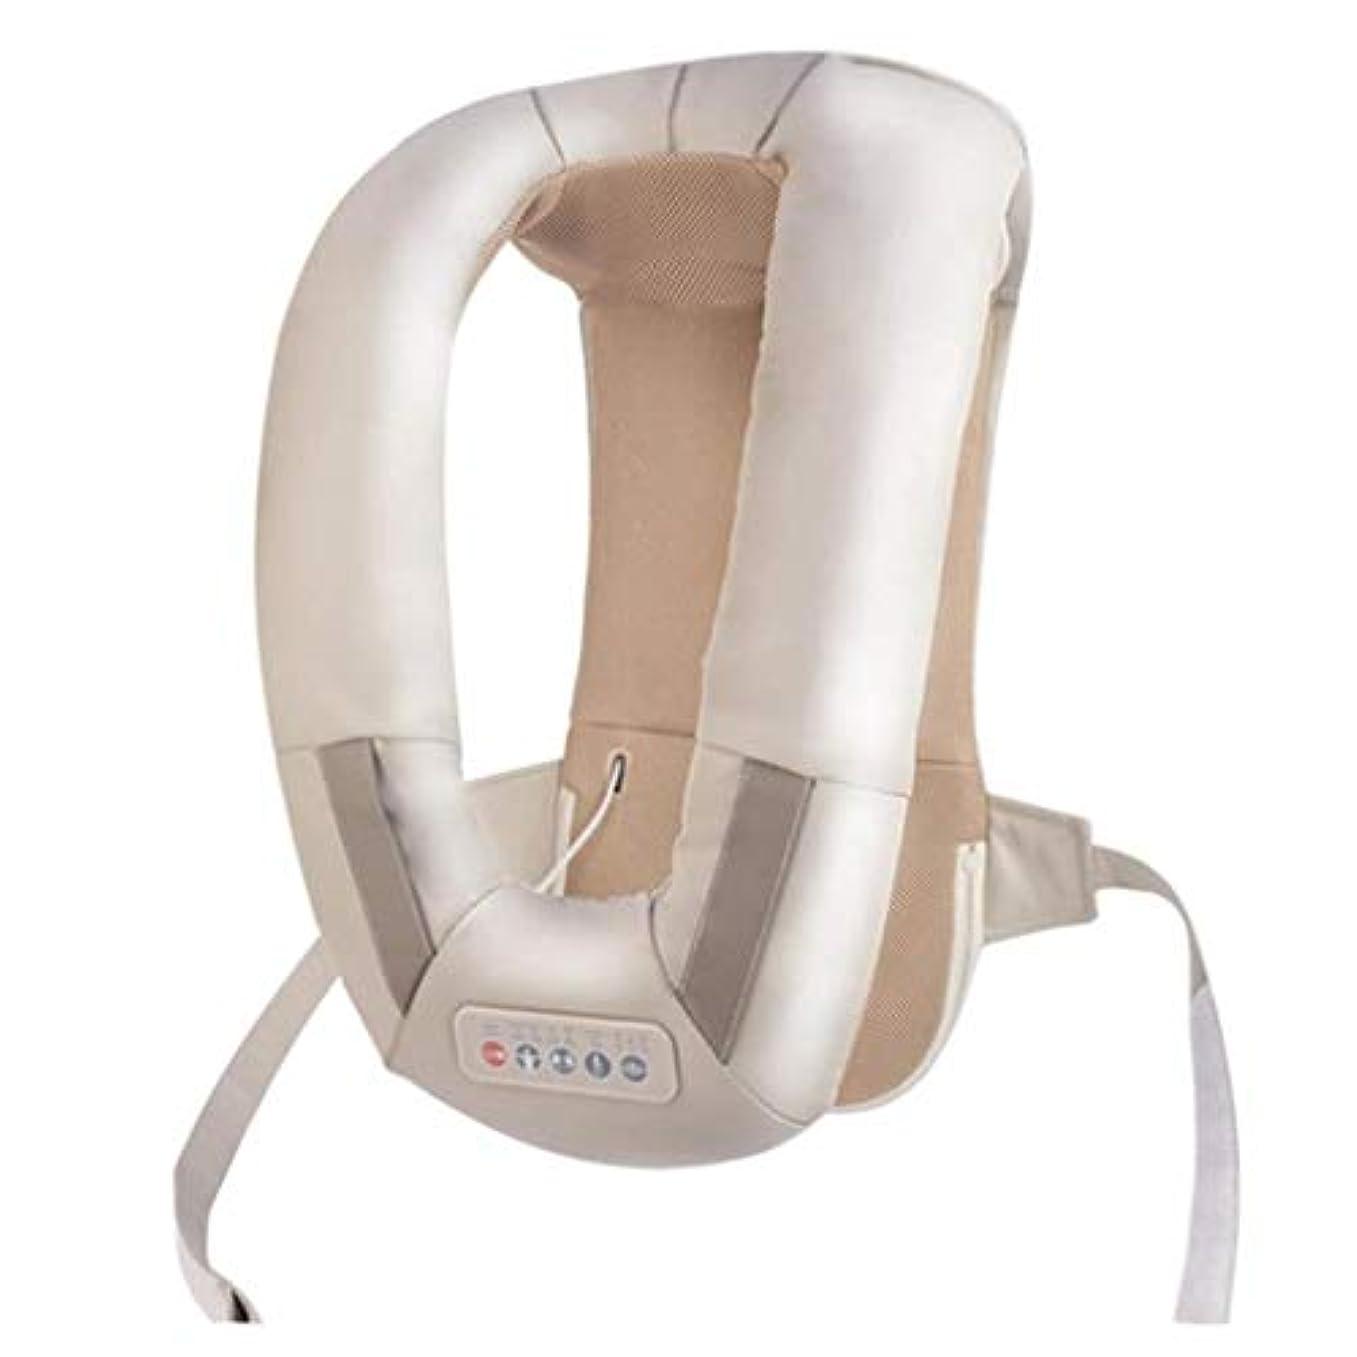 妊娠した満足させる良性首の背中のマッサージ、肩/首の加熱/温かいマッサージ機器、血液循環を促進し、筋肉の圧力を緩和し、痛みを和らげ、オフィス/ホーム